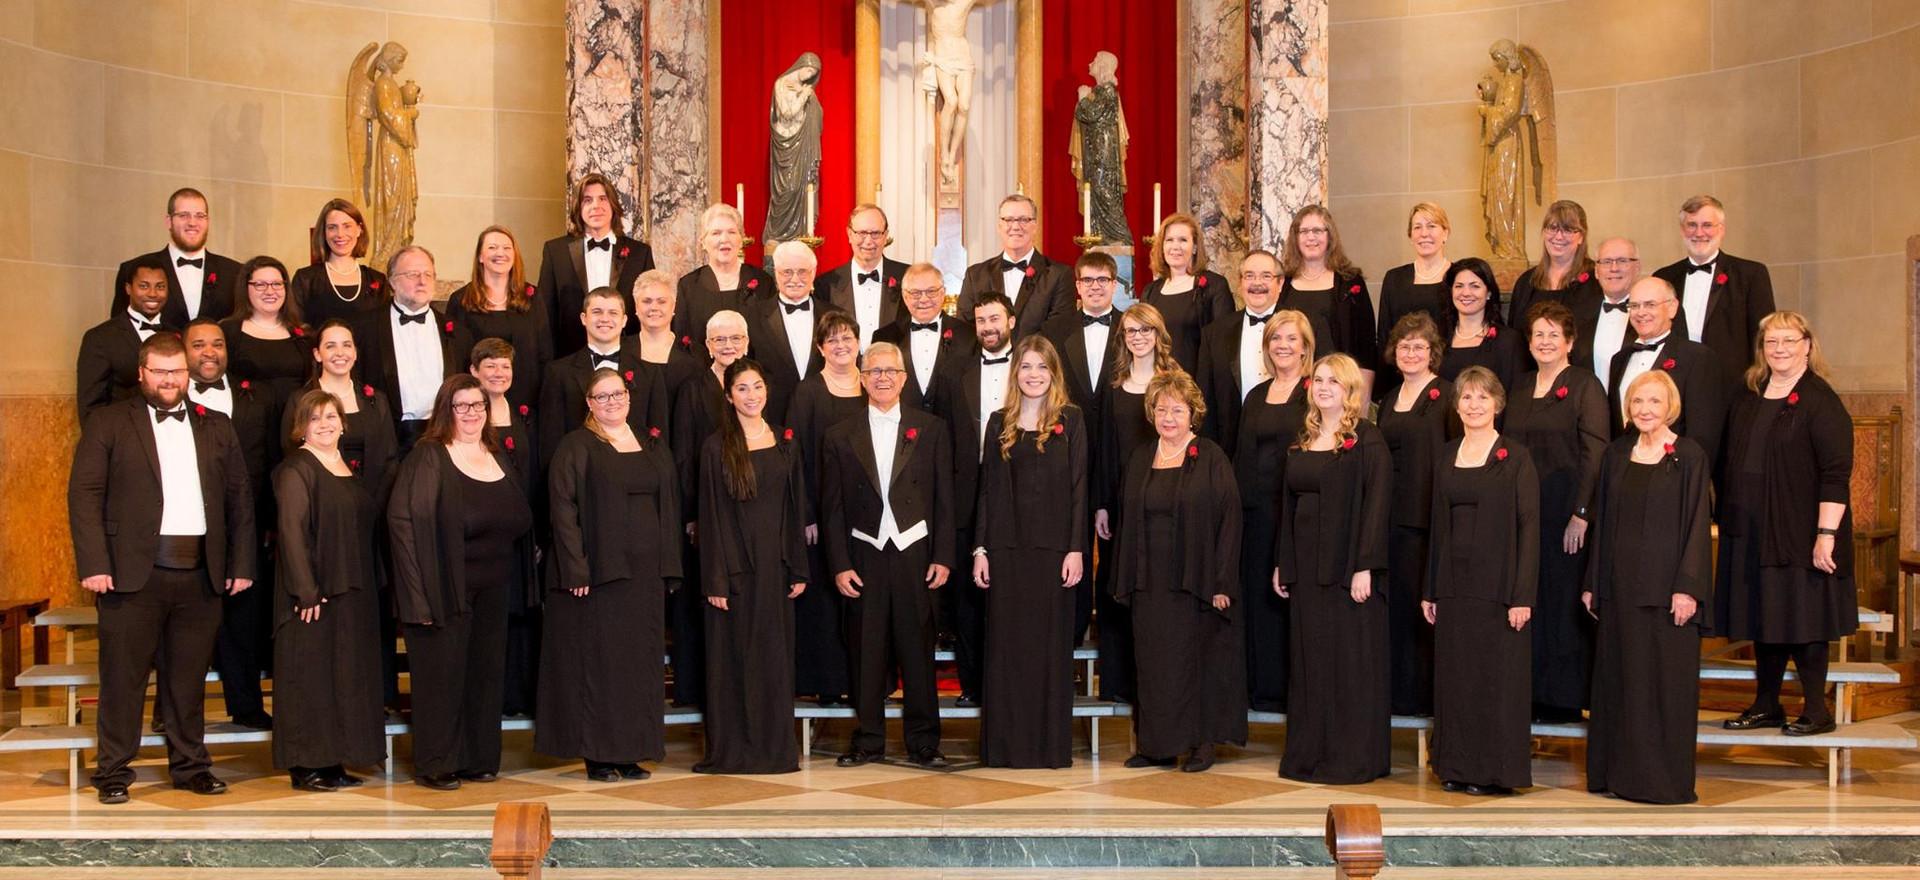 Chamber Choir of Grand Rapids